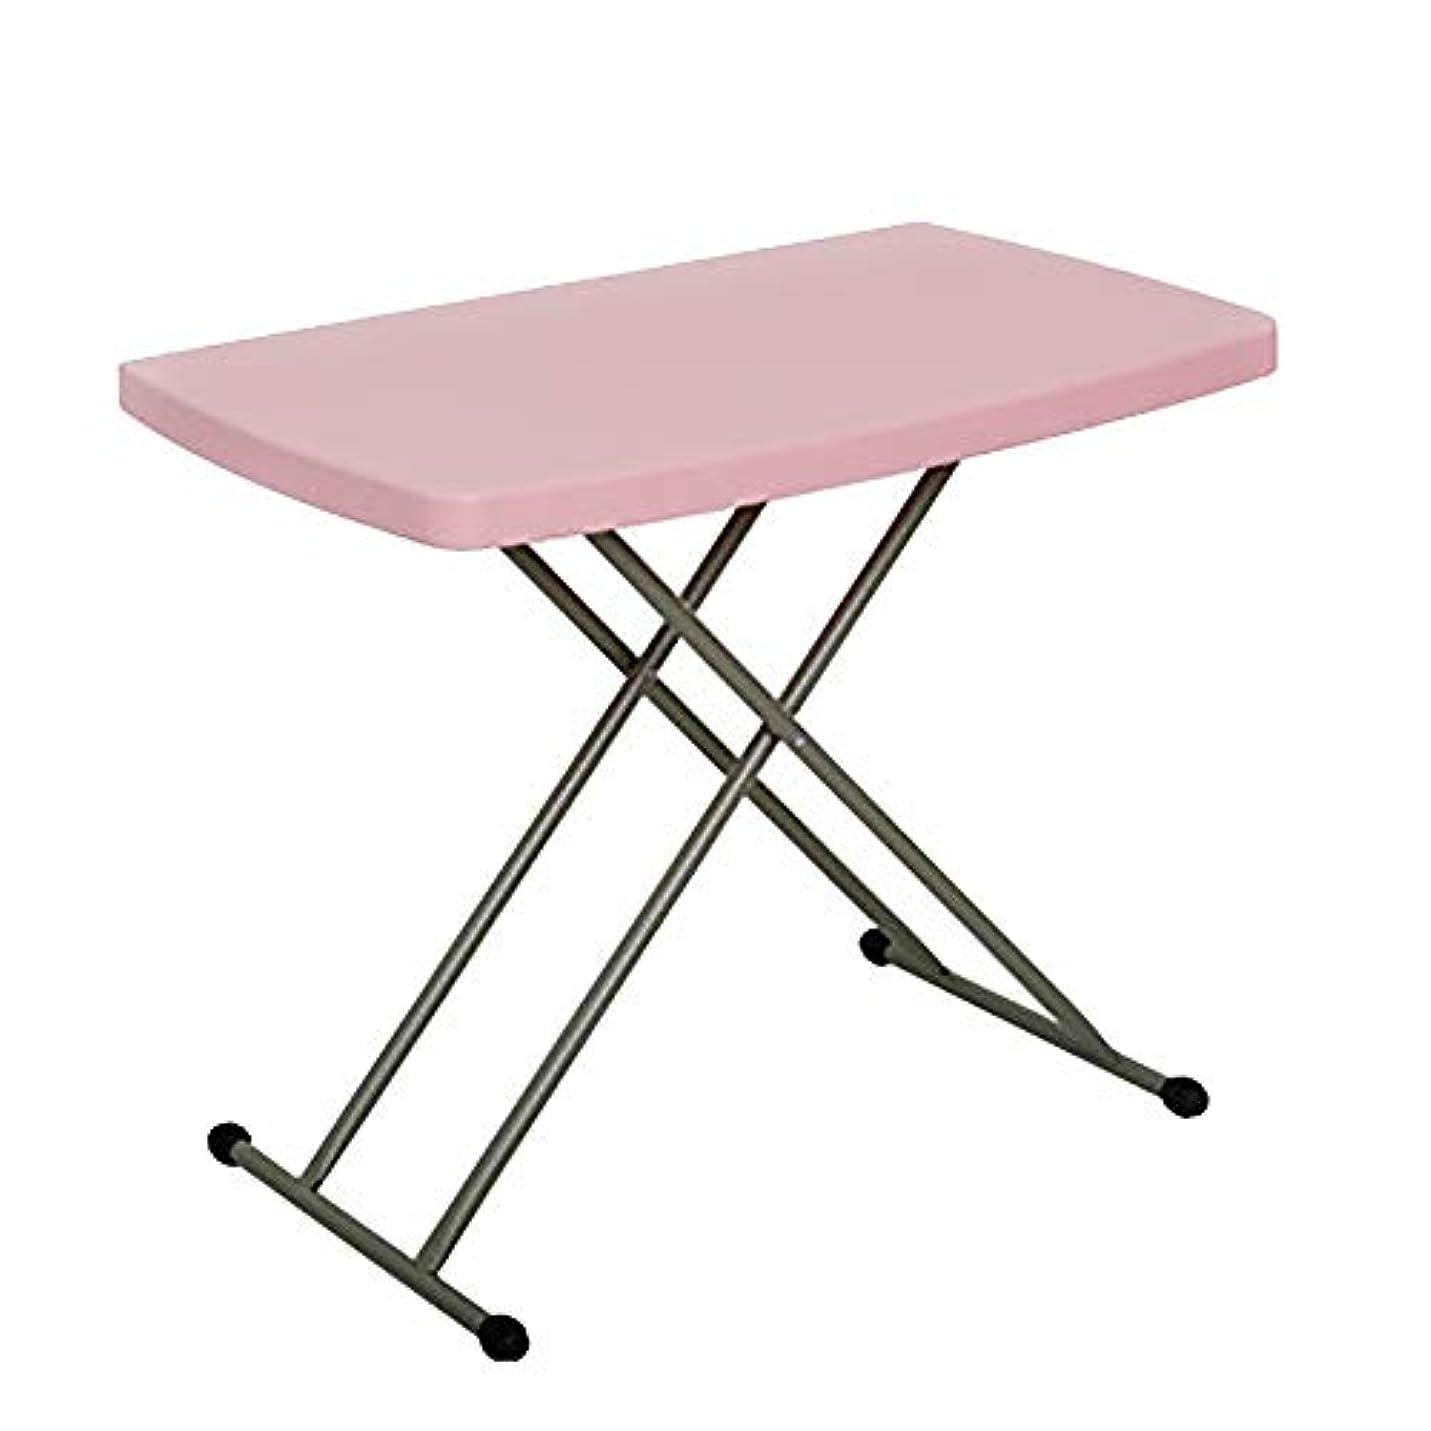 学習者嘆く偶然折りたたみテーブルリフトテーブル屋外折りたたみシンプルな近代的なプラスチック製のラップトップ研究テーブルピンク 76 * 50cm